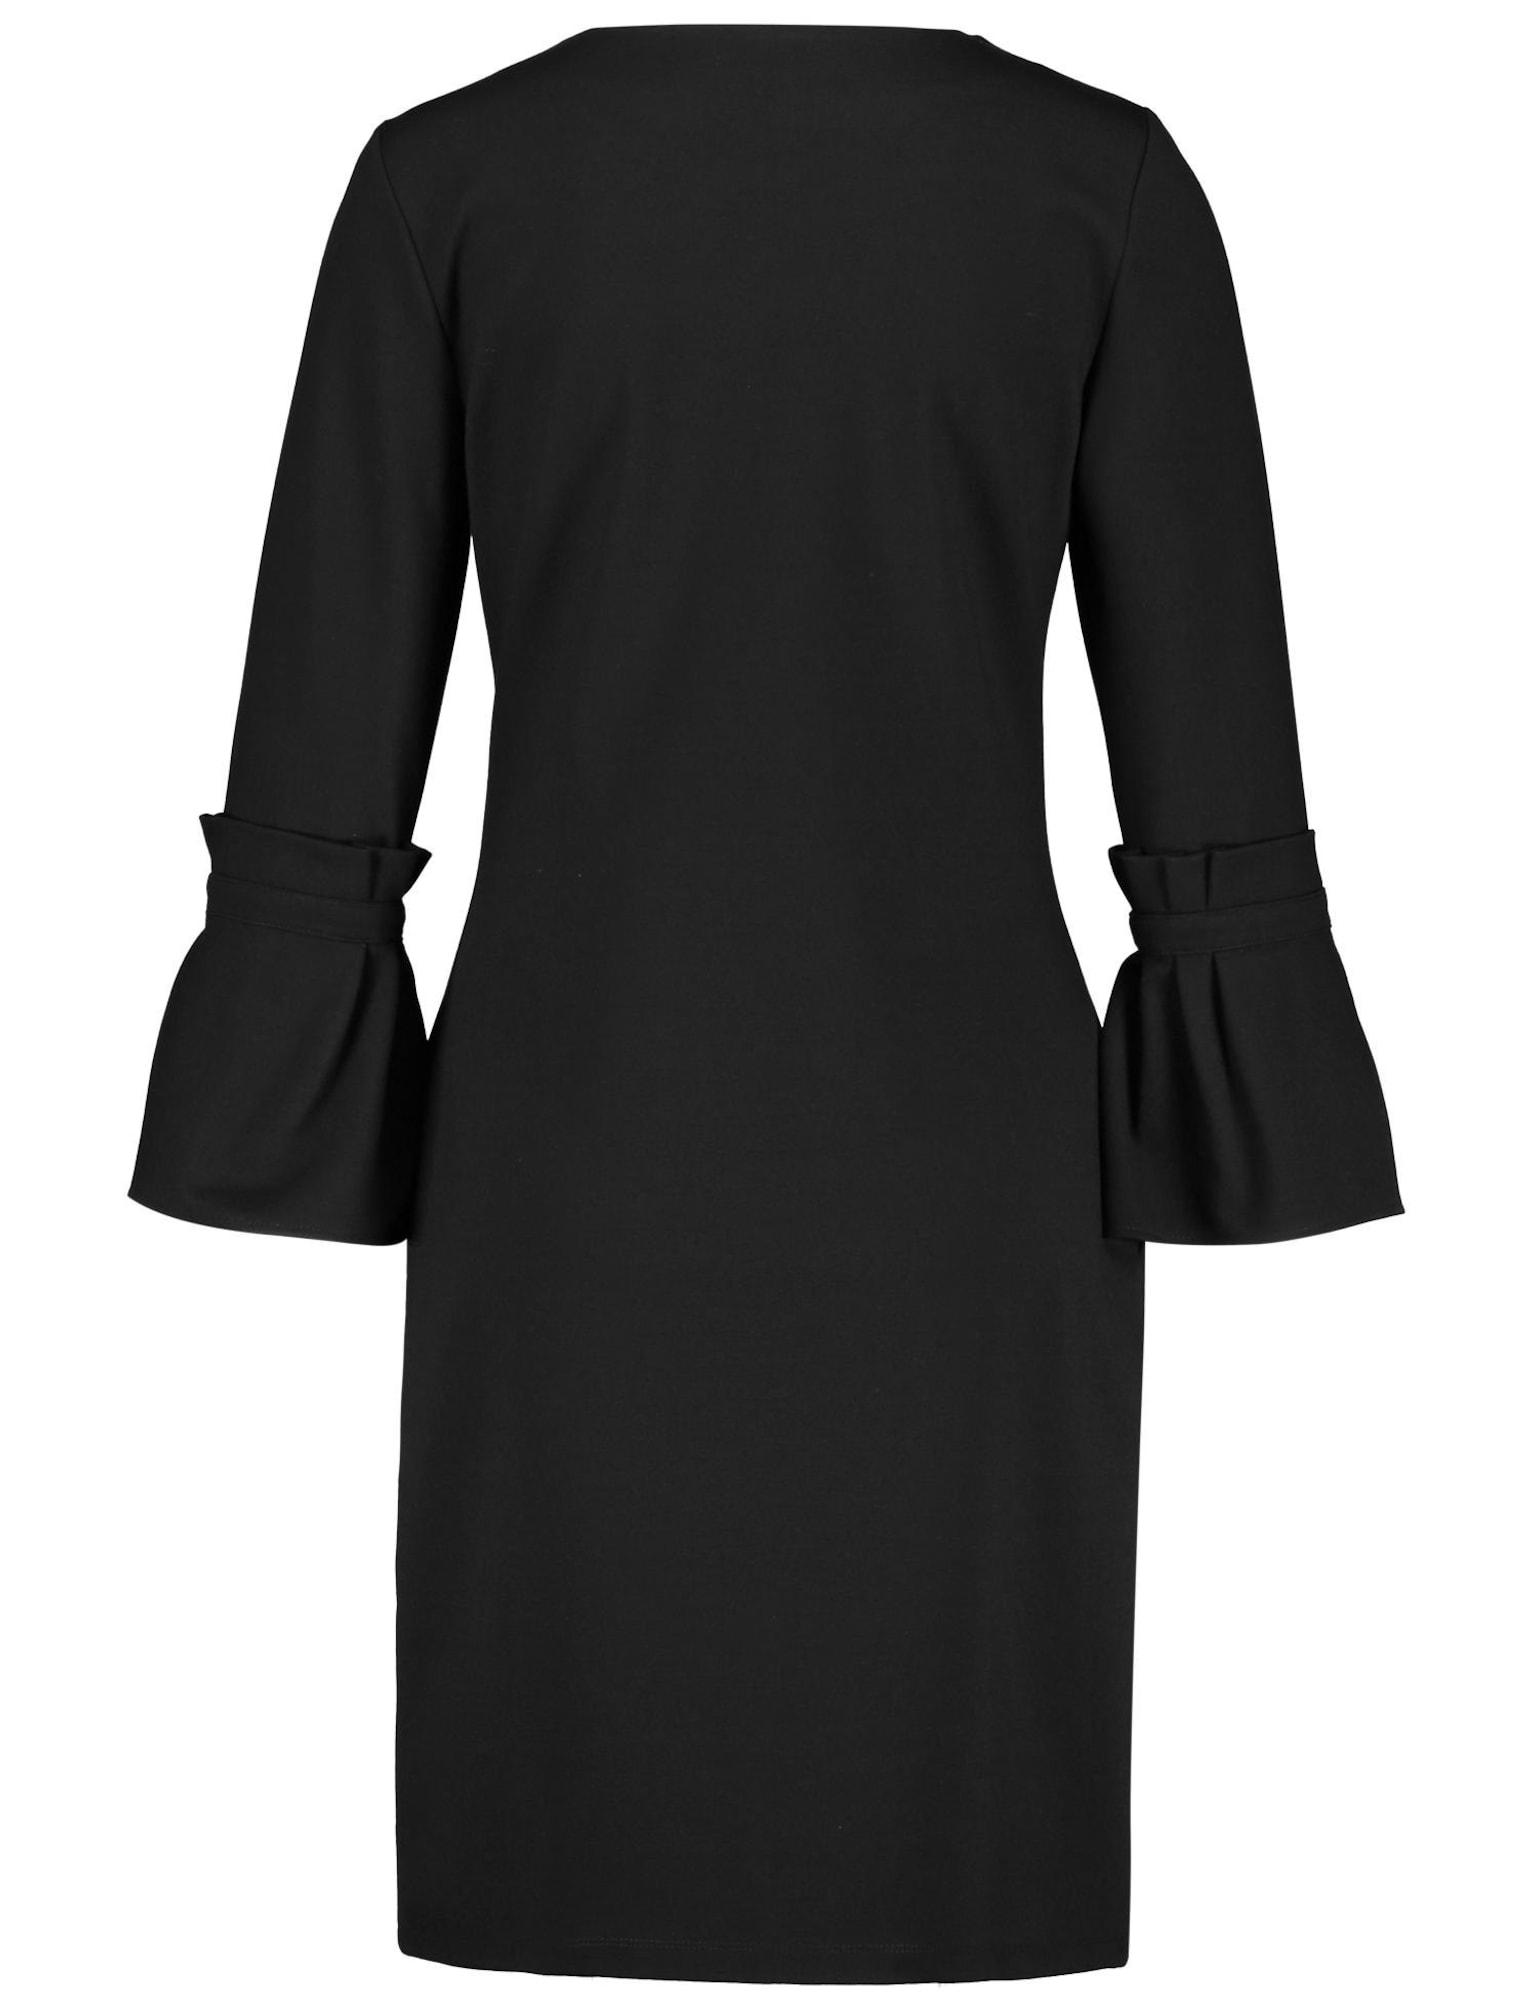 TAIFUN Kleid schwarz - Schwarzes Kleid